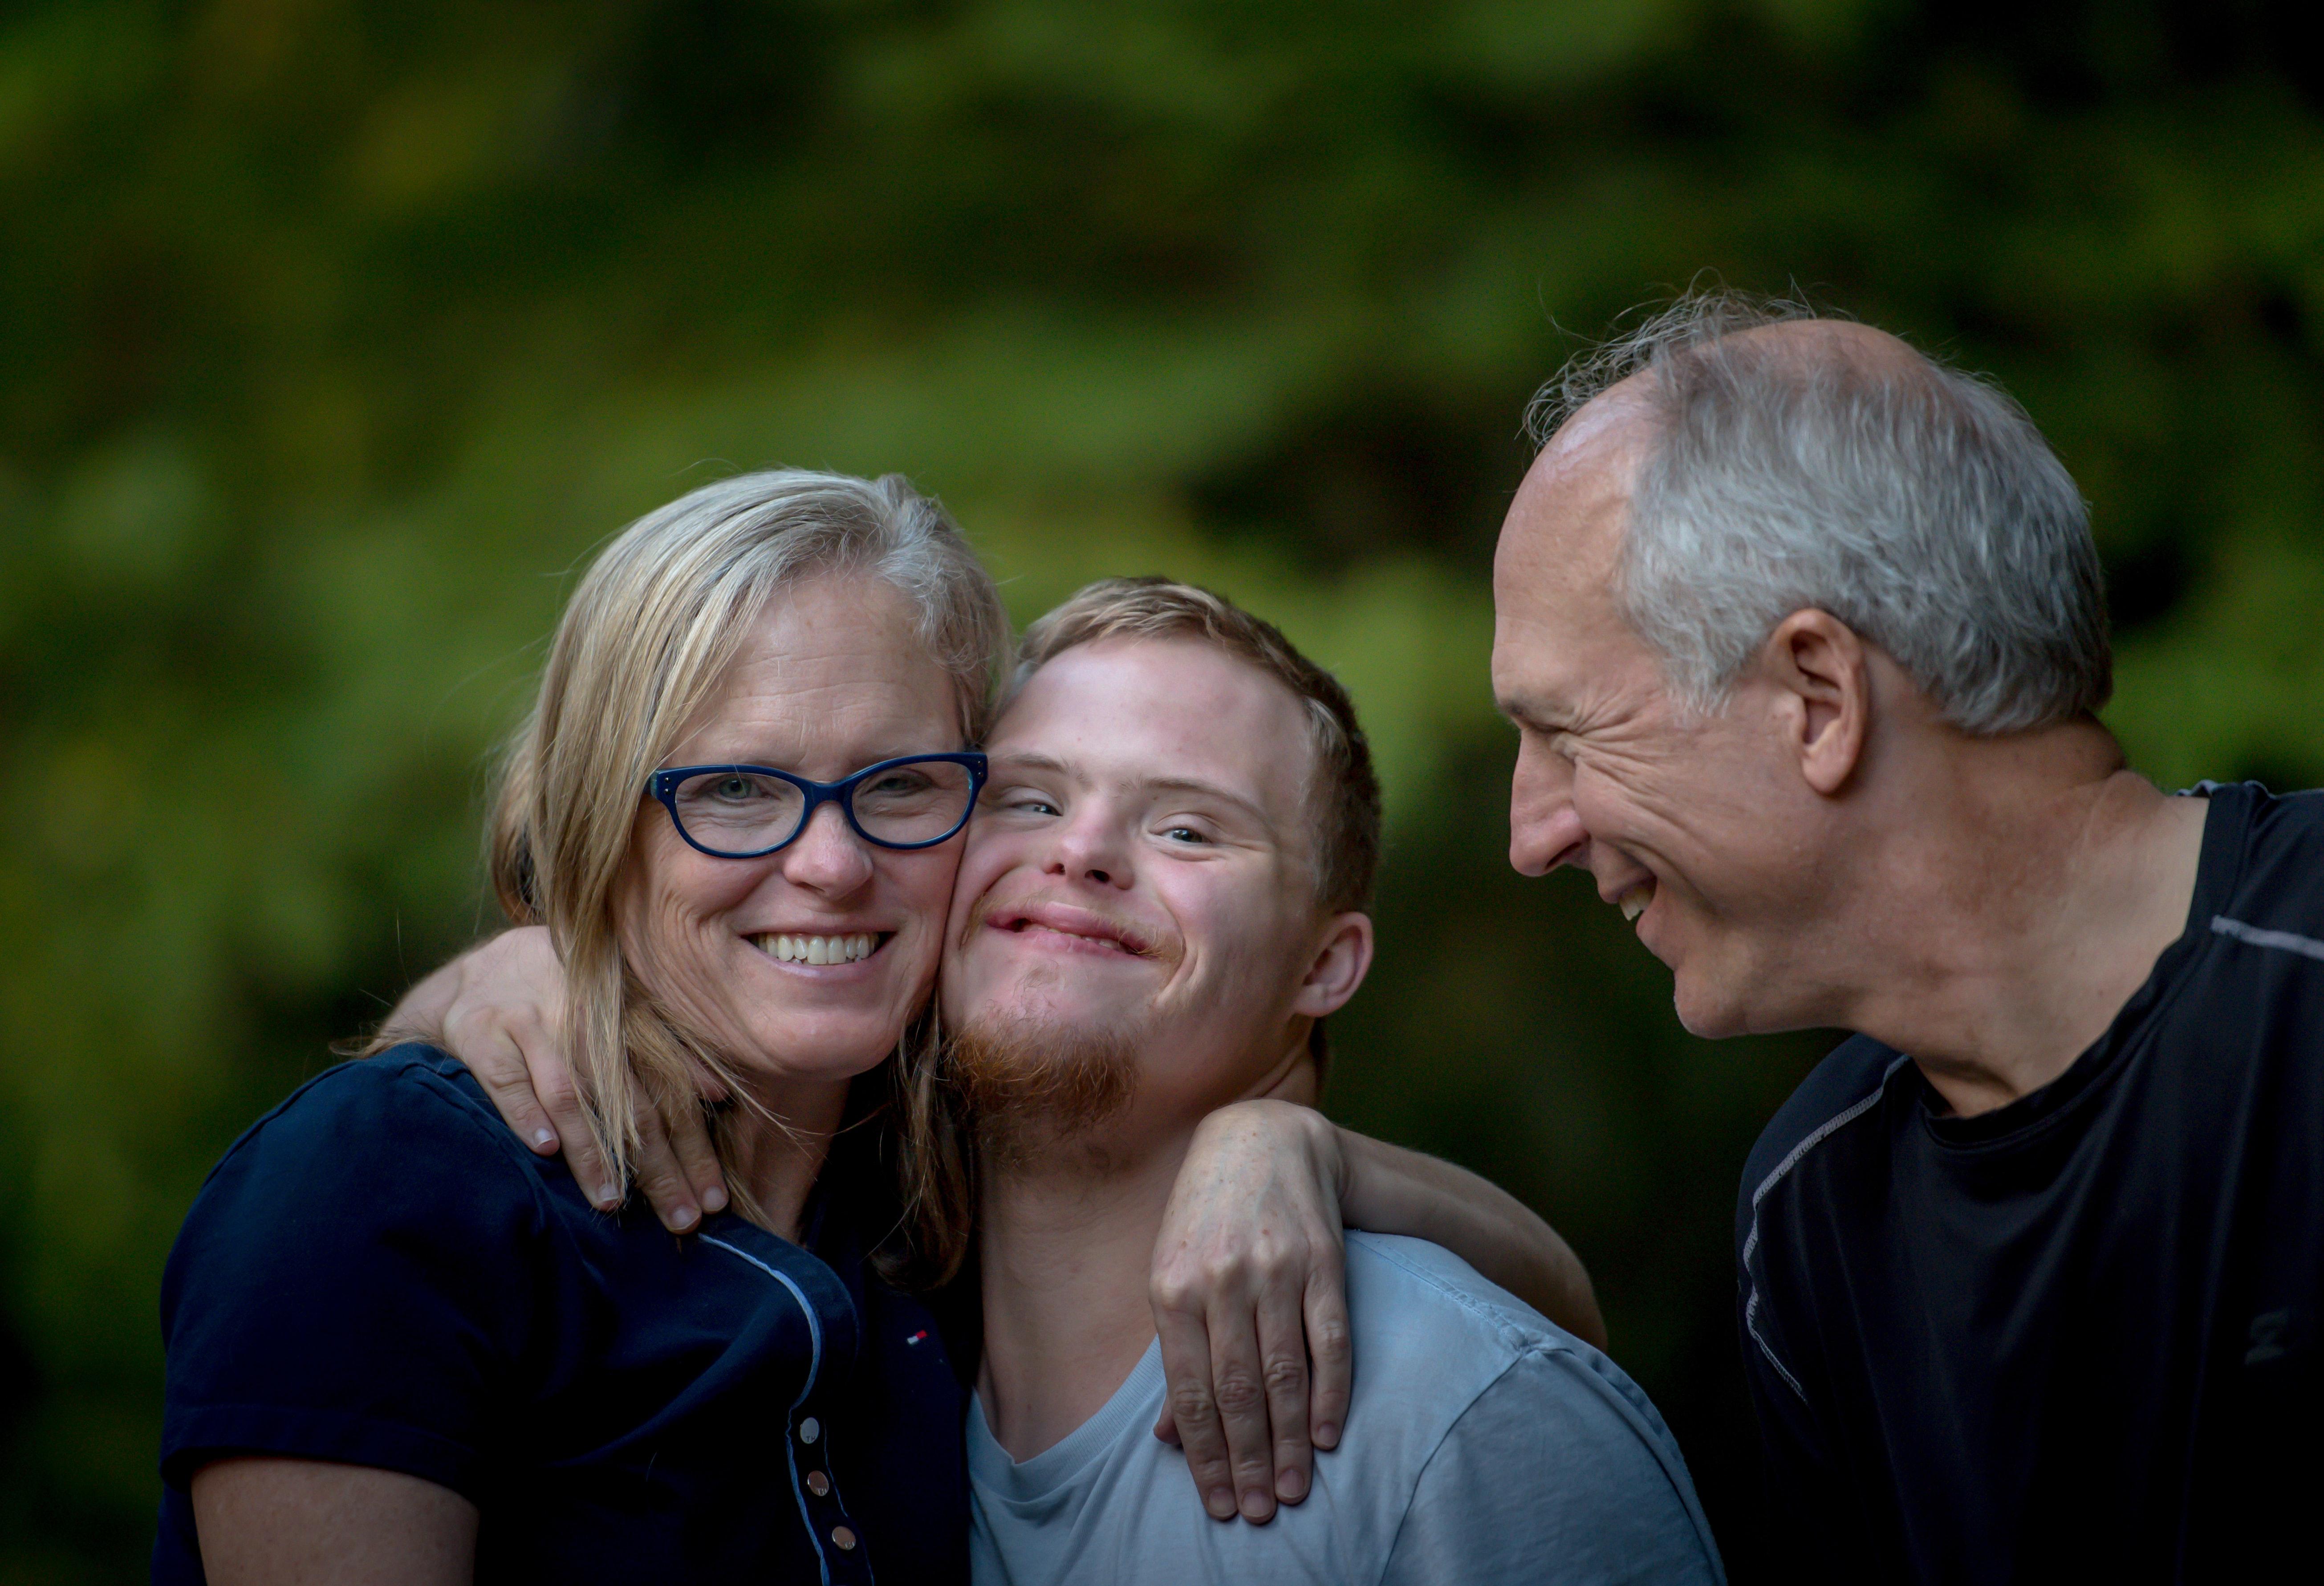 Eine Mutter und ein Vater mit ihrem Sohn in ihrer Mitte, alle drei lächeln.